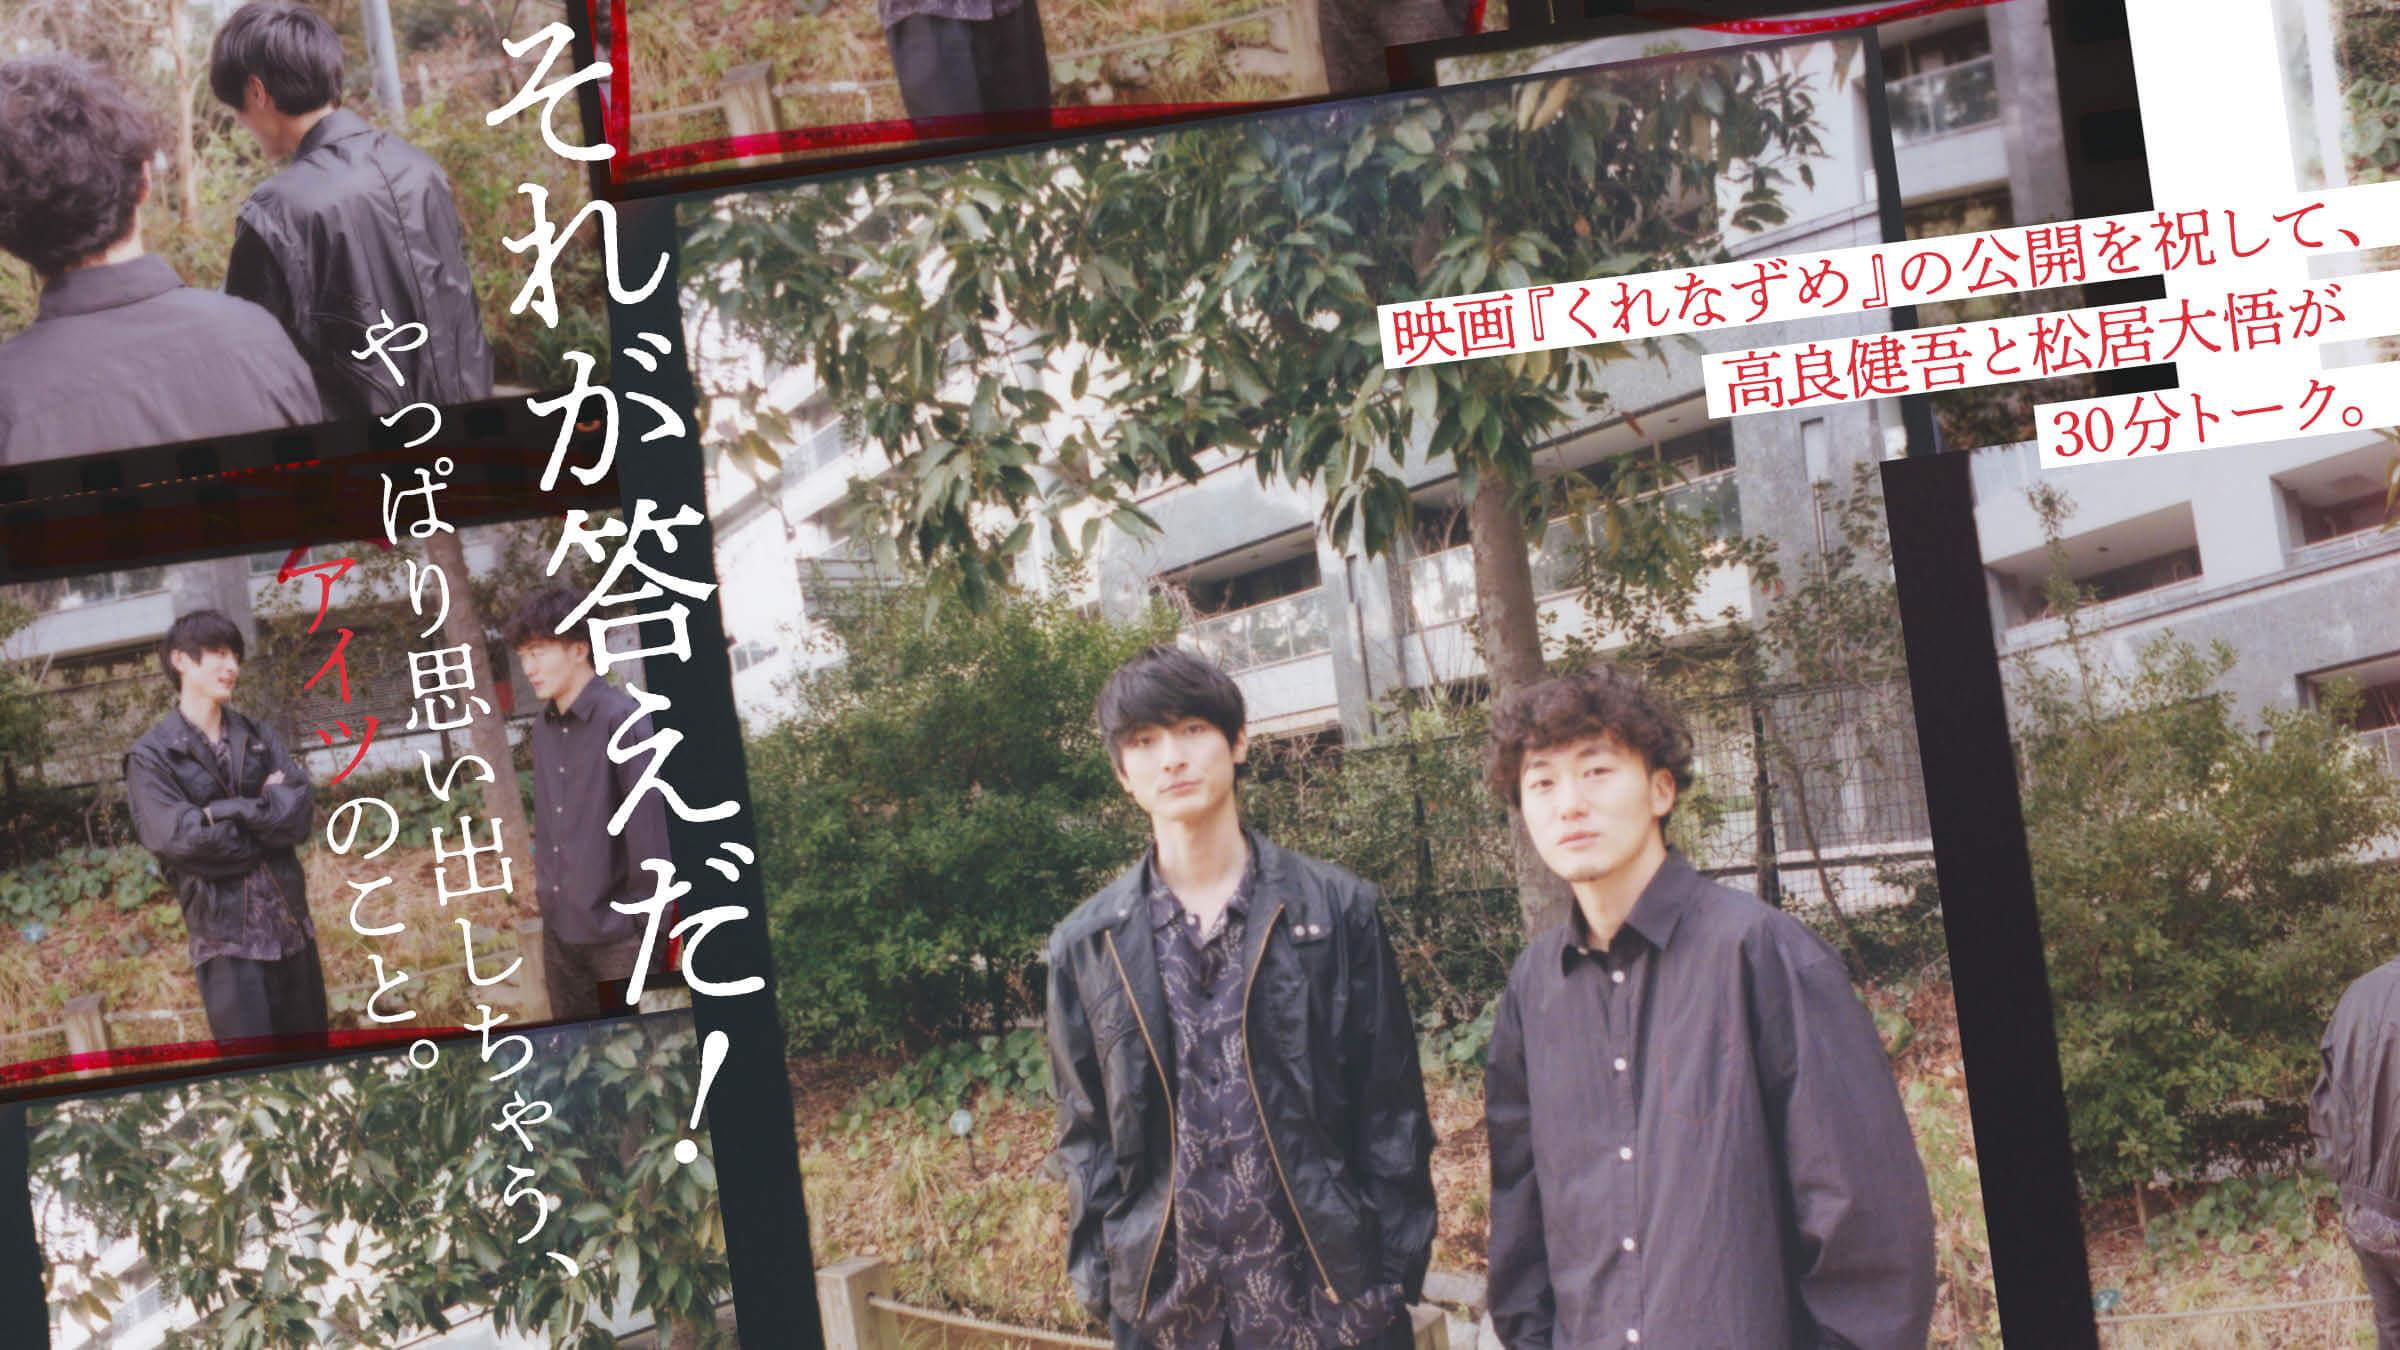 映画『くれなずめ』の公開を祝して、高良健吾と松居大悟が30分トーク。それが答えだ! やっぱり思い出しちゃう、アイツのこと。